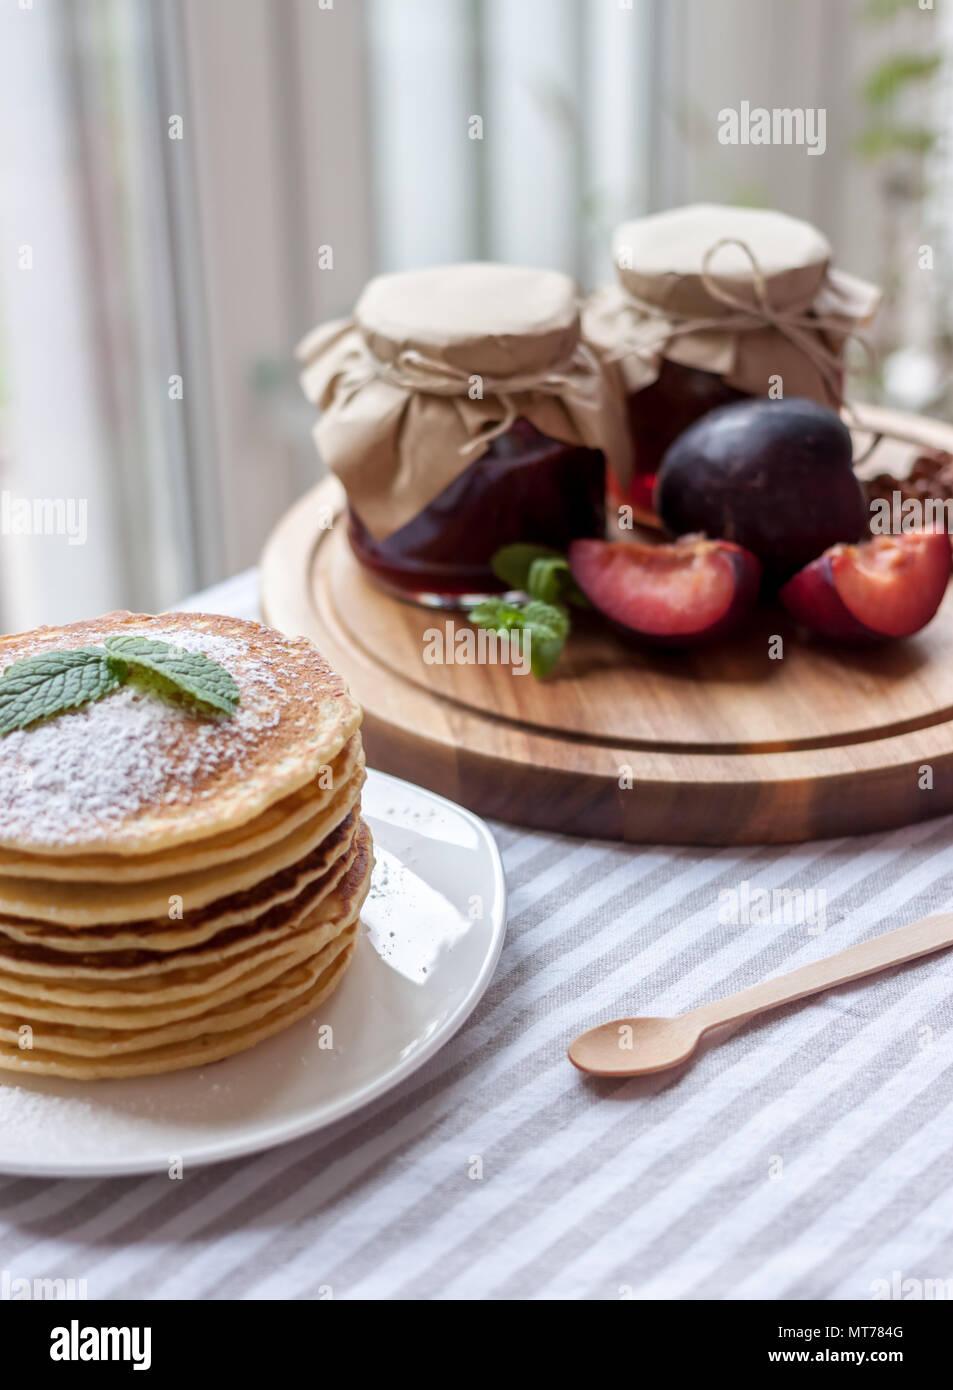 Frittelle con marmellata prima colazione Immagini Stock